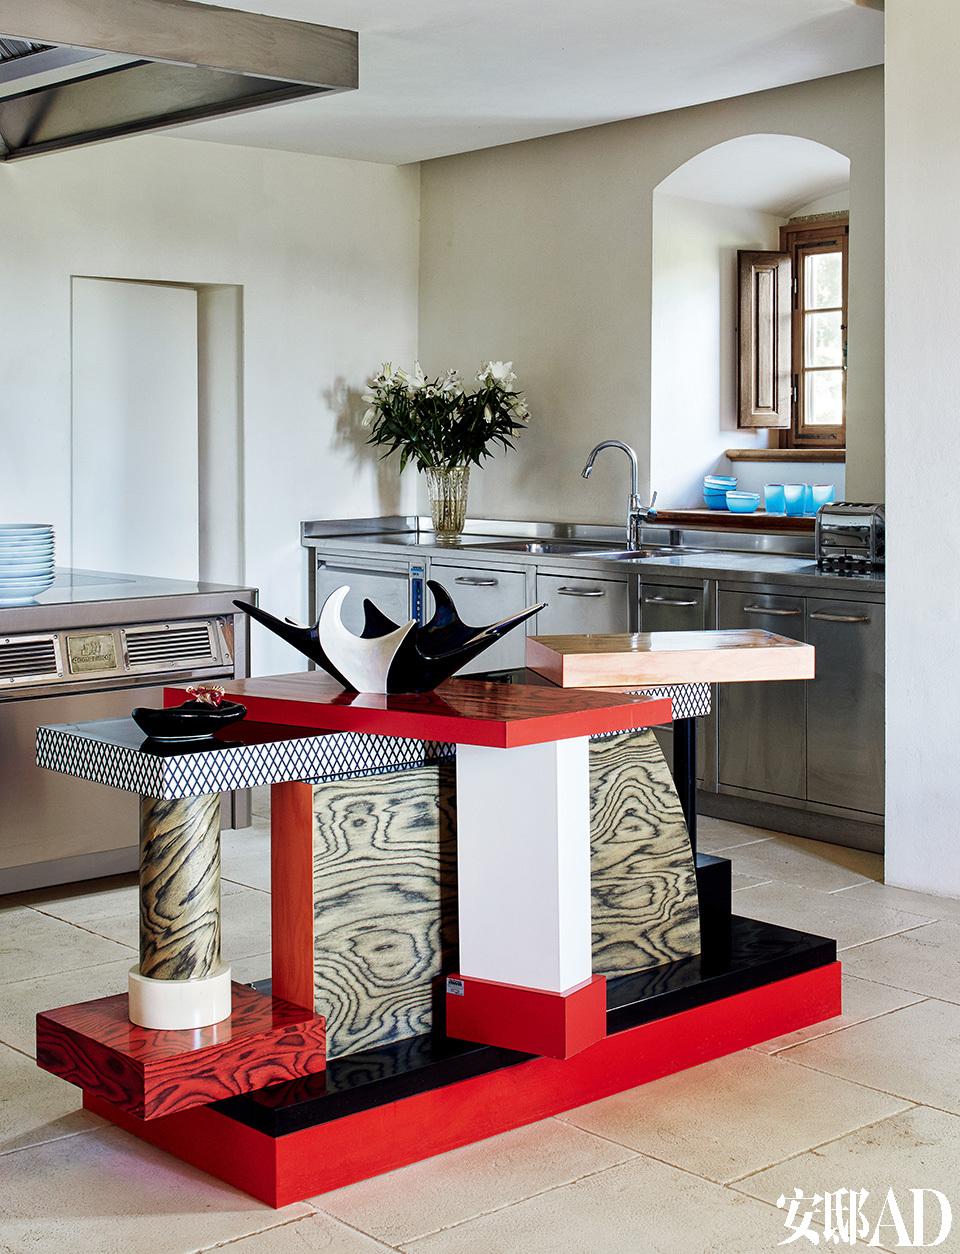 一件精彩的孟菲斯家具,稳稳地压住厨房的气场。工业感厨房和Tartar孟菲斯风格操作台由Ettore Sottsass在1985年设计。